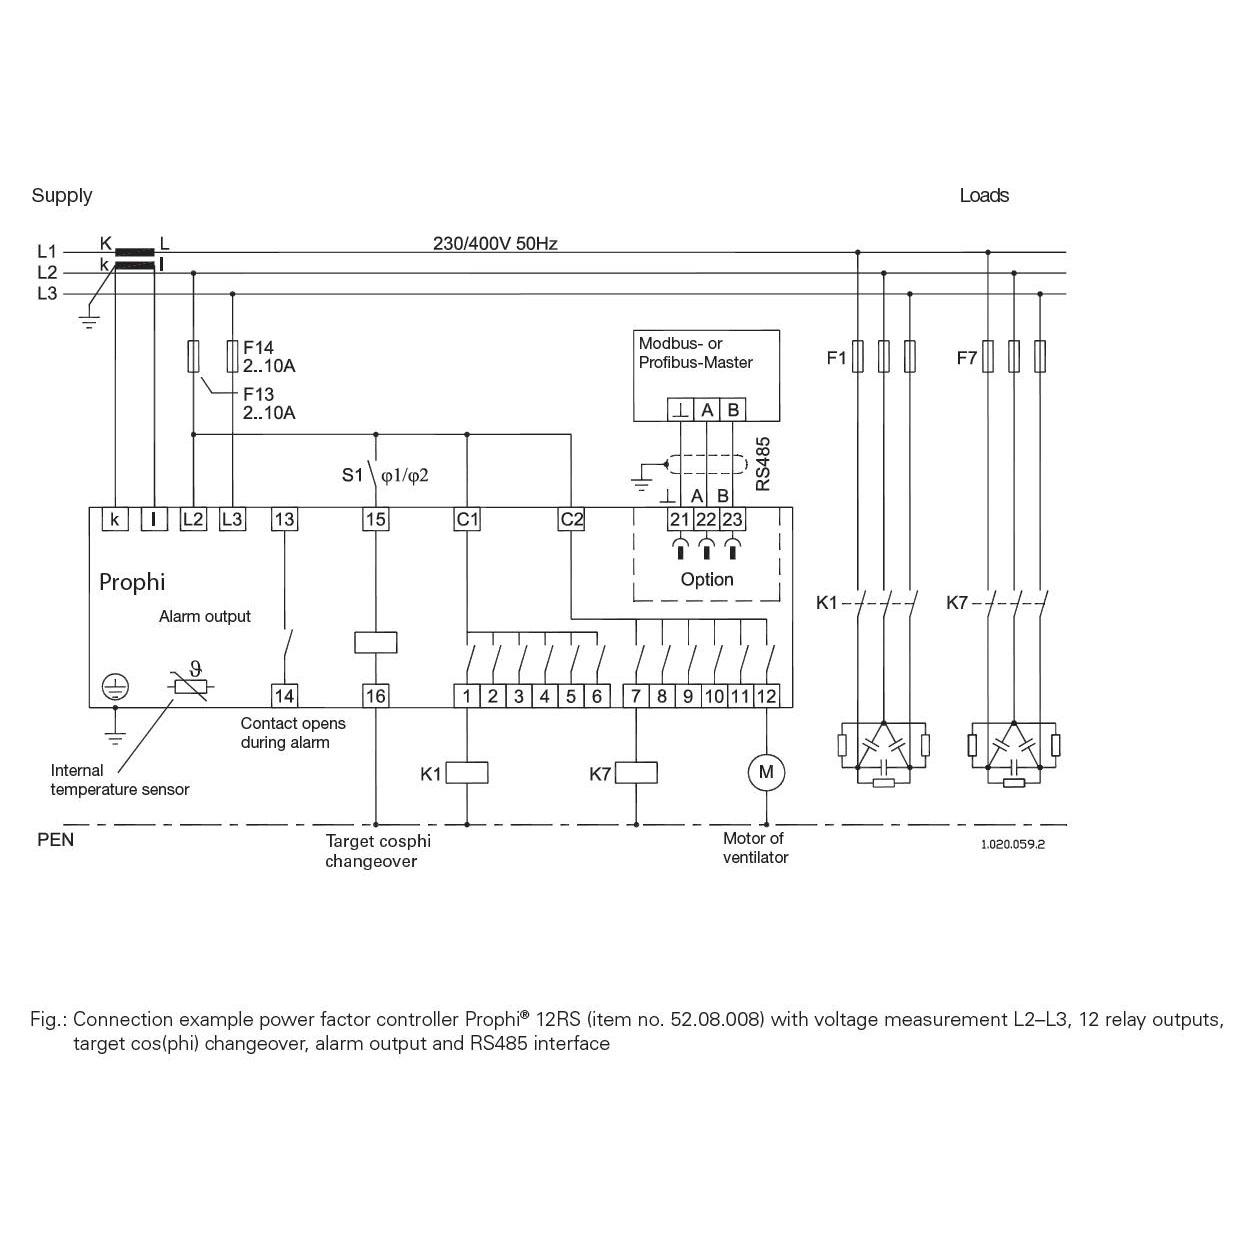 Схема подключения Prophi 6T6R